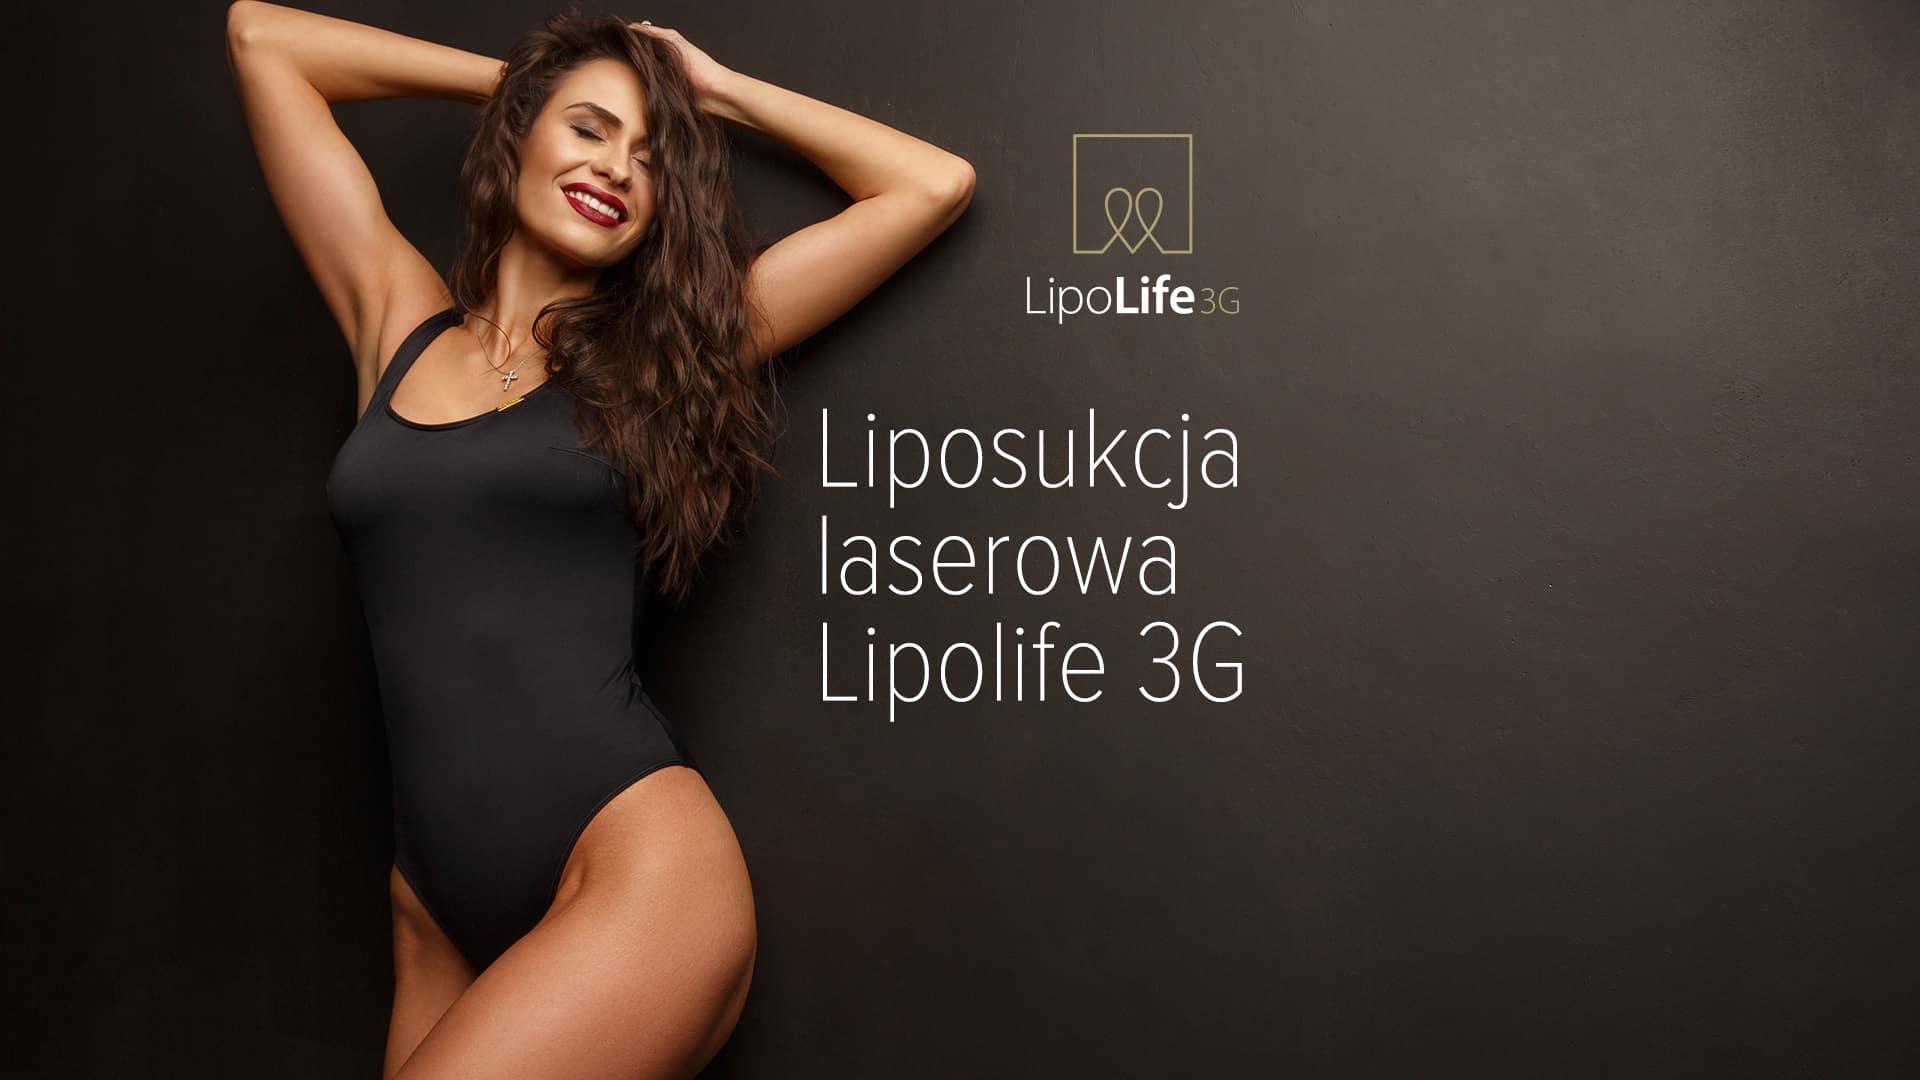 Usuwanie tkanki tluszczowej Lipolife 3g MediArt Clinic Poznan